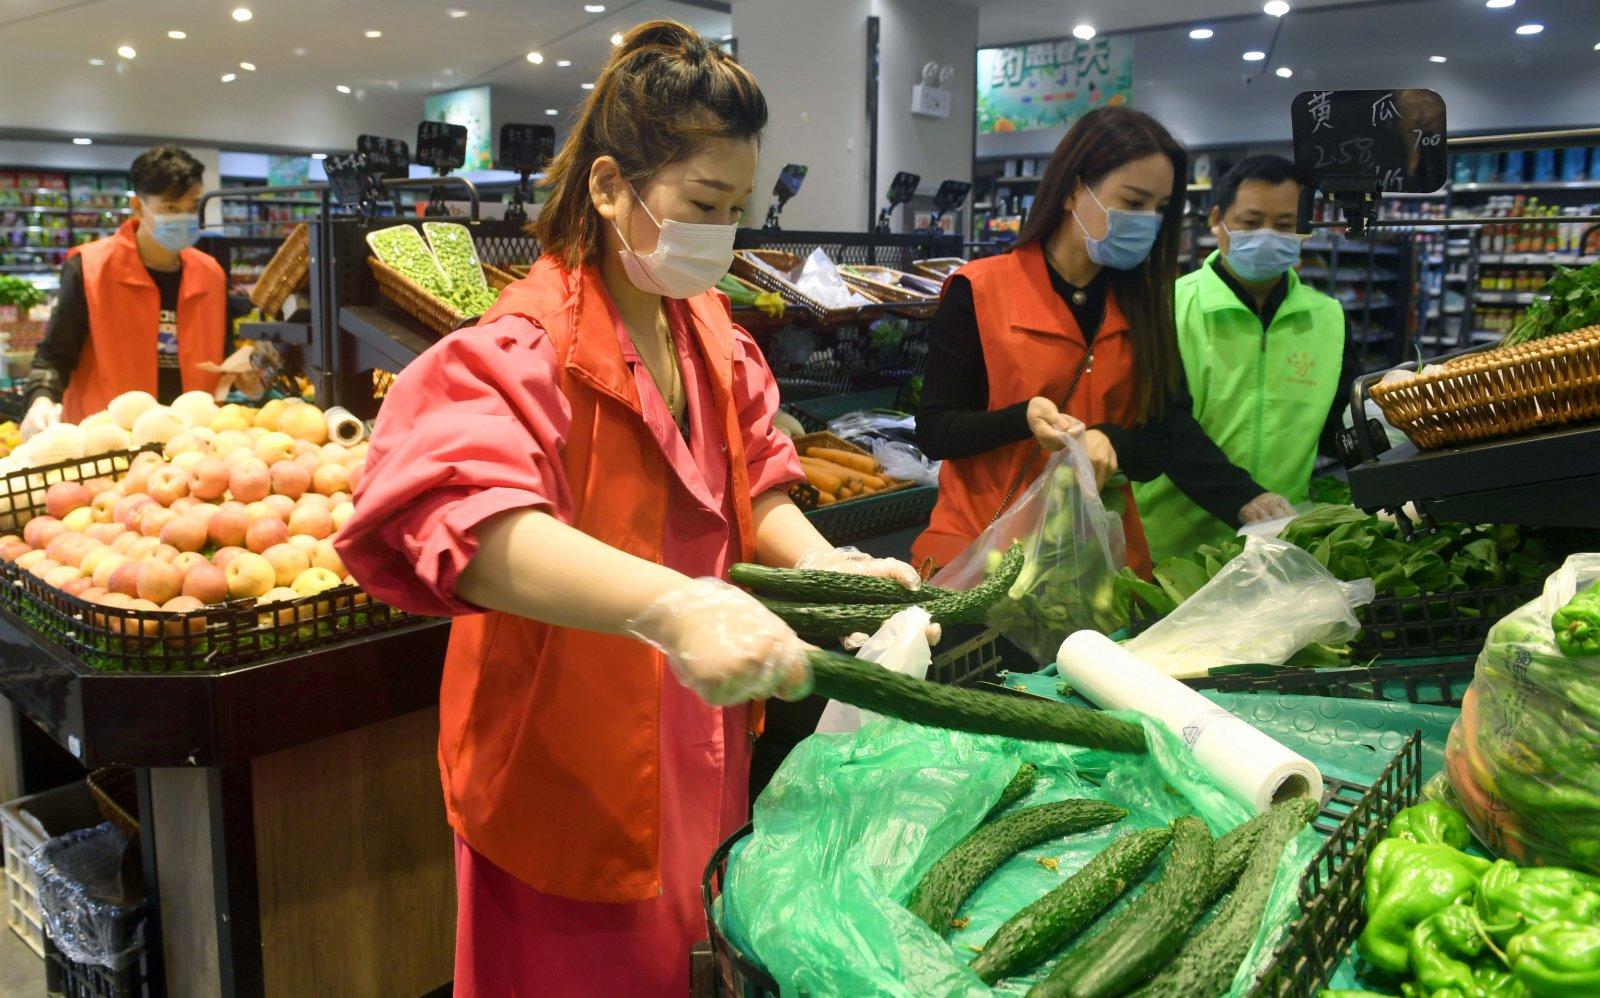 5月17日,志願者在超市為六安市裕安區的居民代買蔬菜。(新華社)